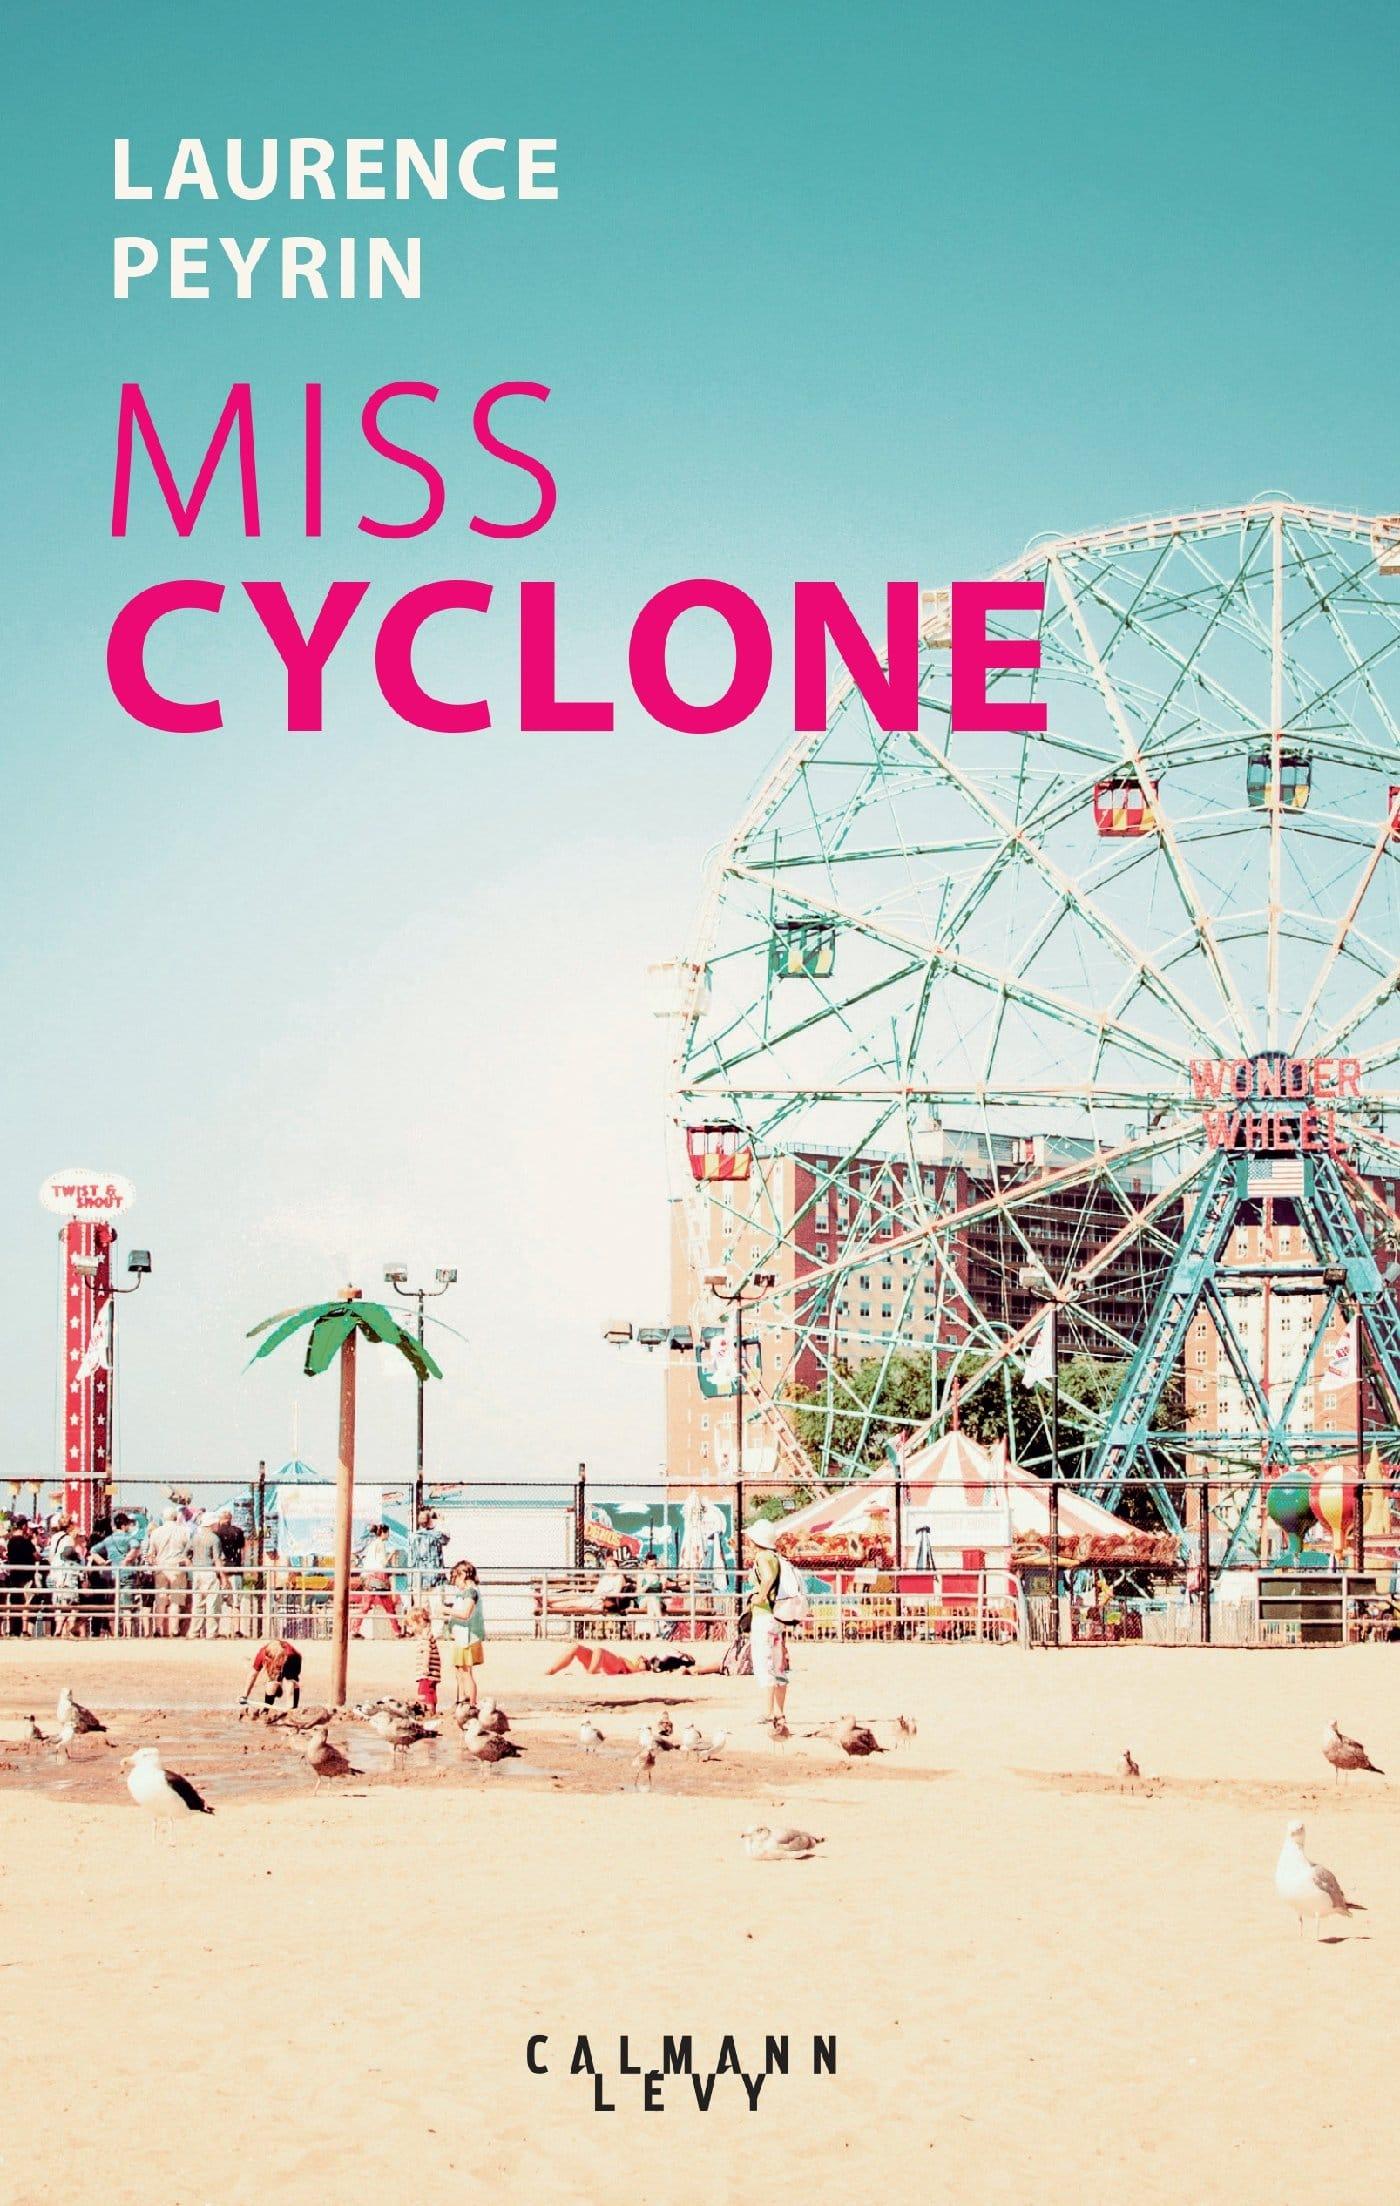 miss cyclone de laurence peyrin. Livre à coney island sur une histoire d'amour.